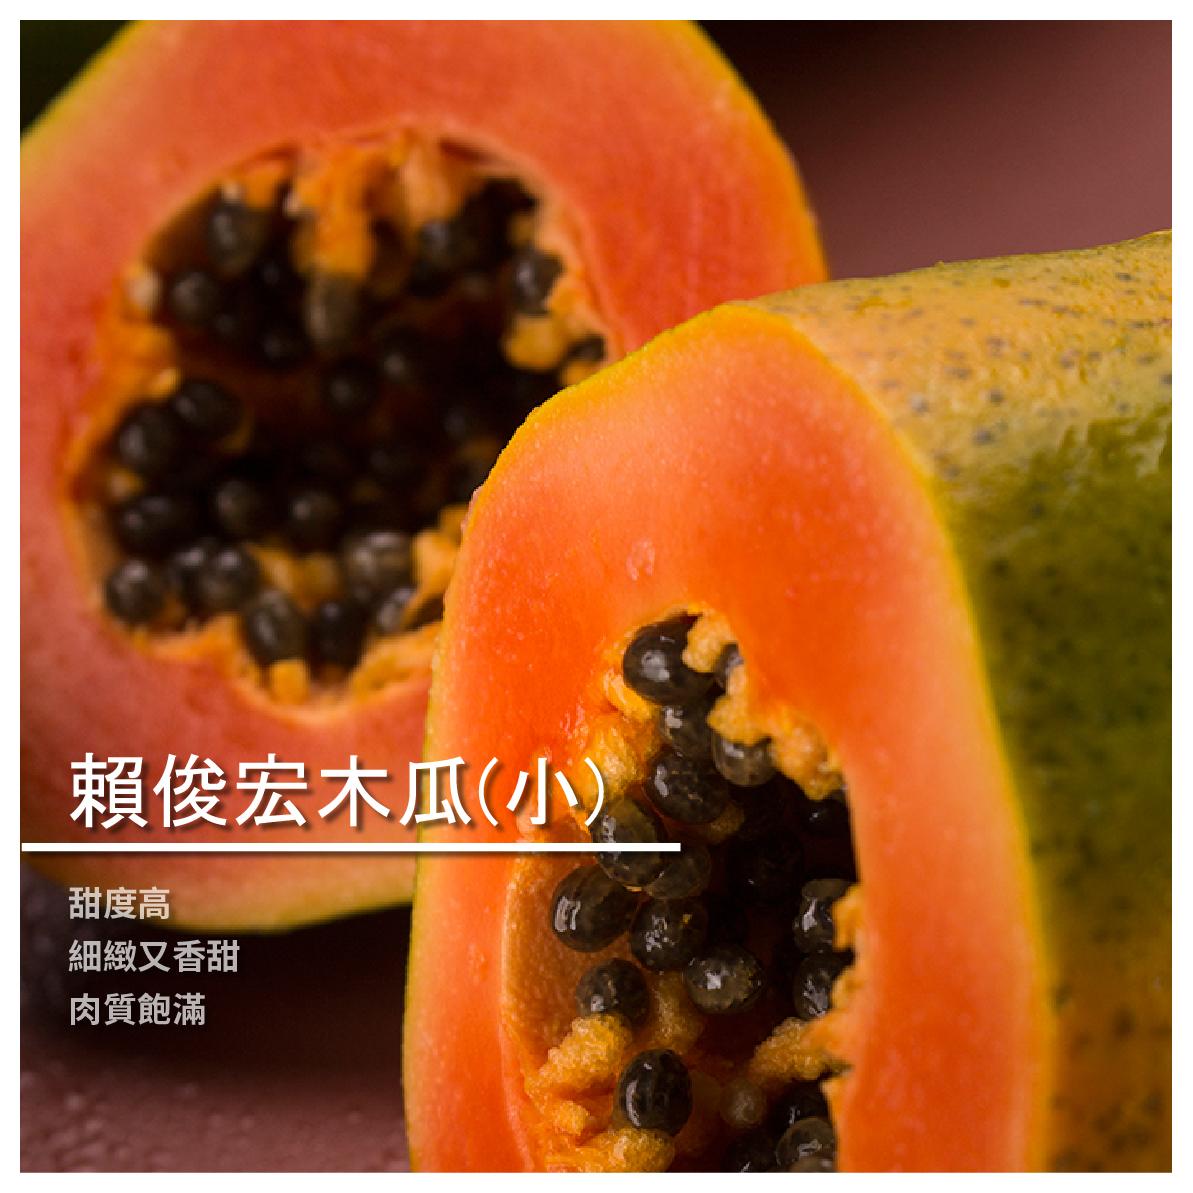 【賴俊宏木瓜農場】賴俊宏木瓜/小顆裝/19~25顆/箱